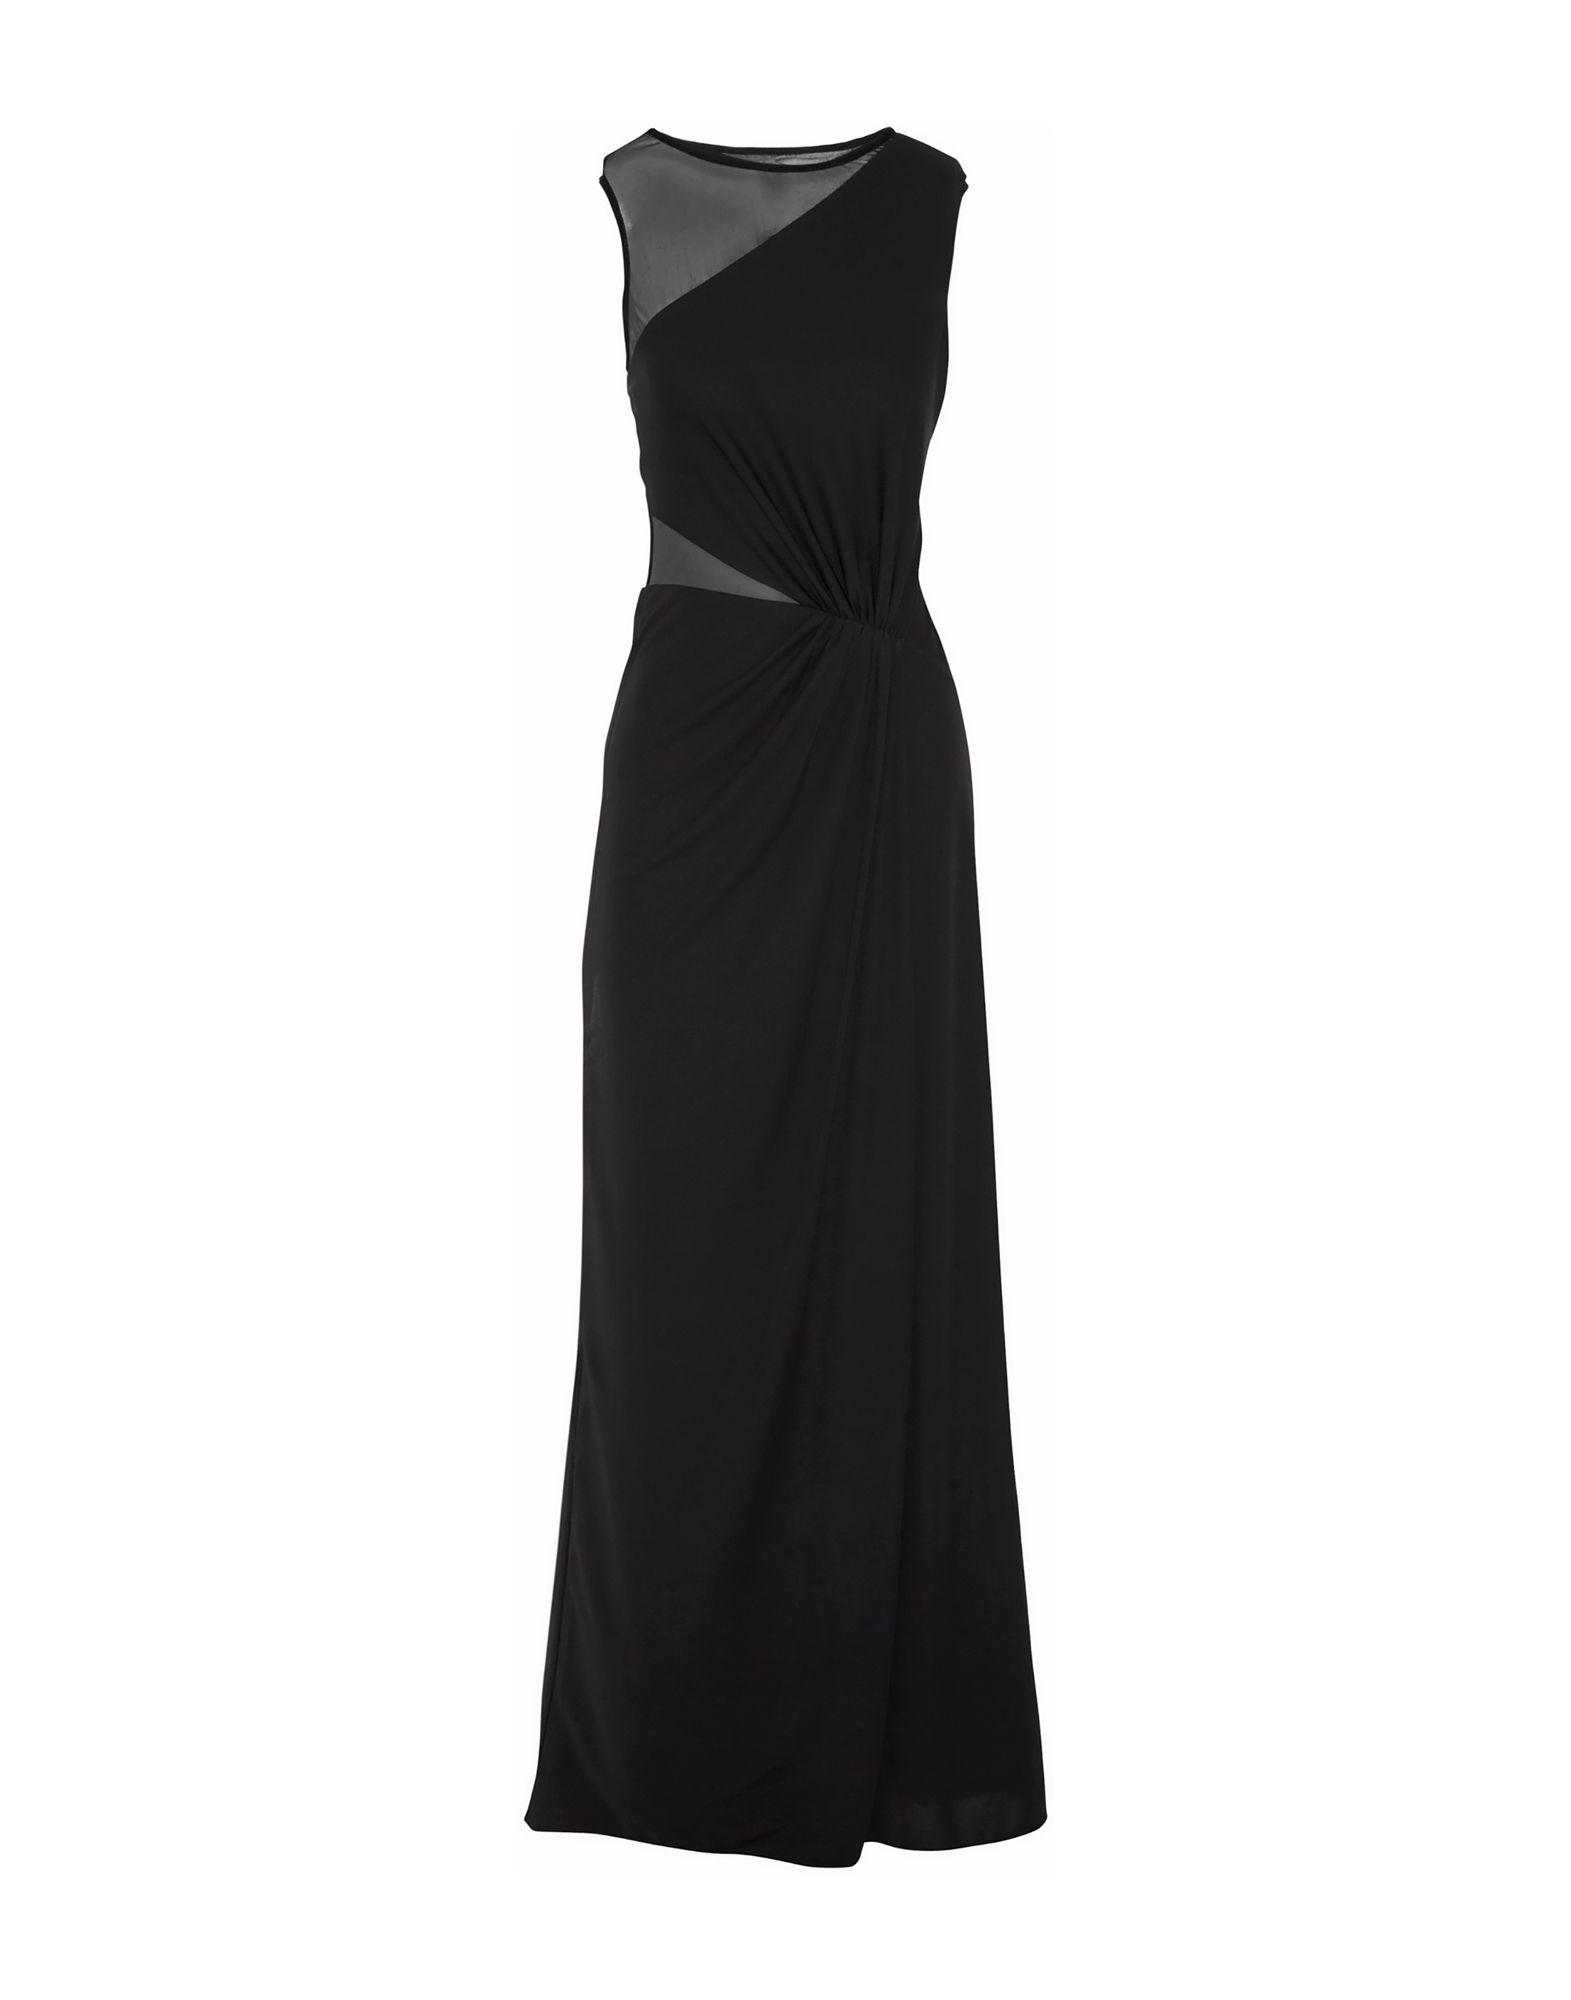 《期間限定セール中》HALSTON HERITAGE レディース ロングワンピース&ドレス ブラック 2 ポリエステル 100%